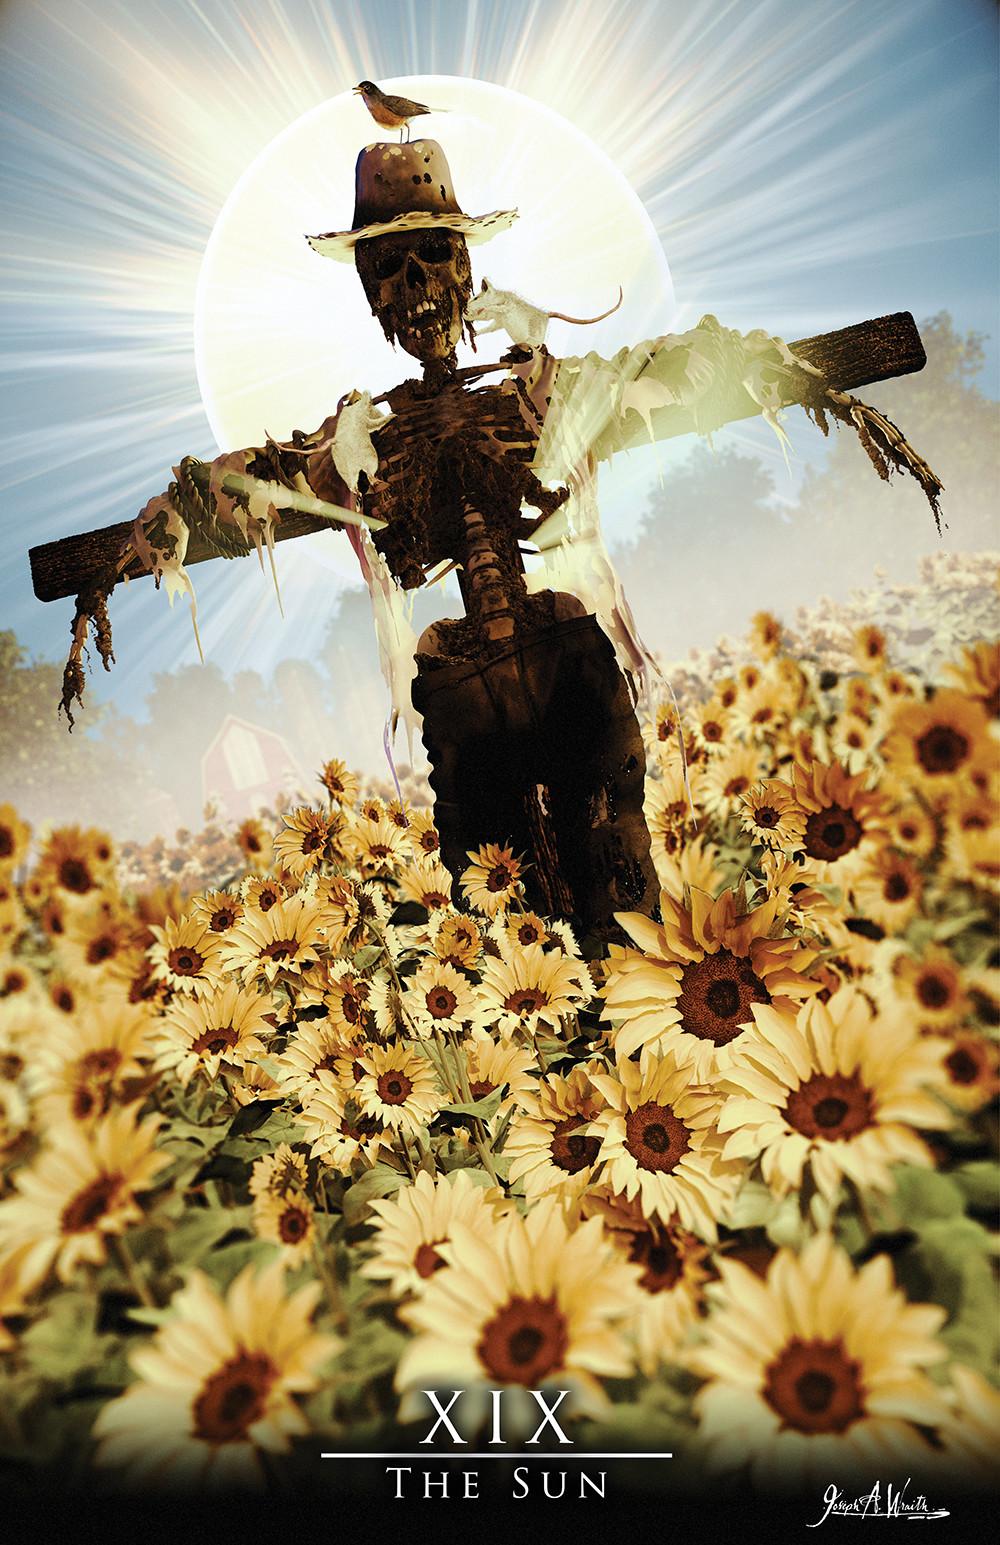 Joseph wraith the sun final 1000